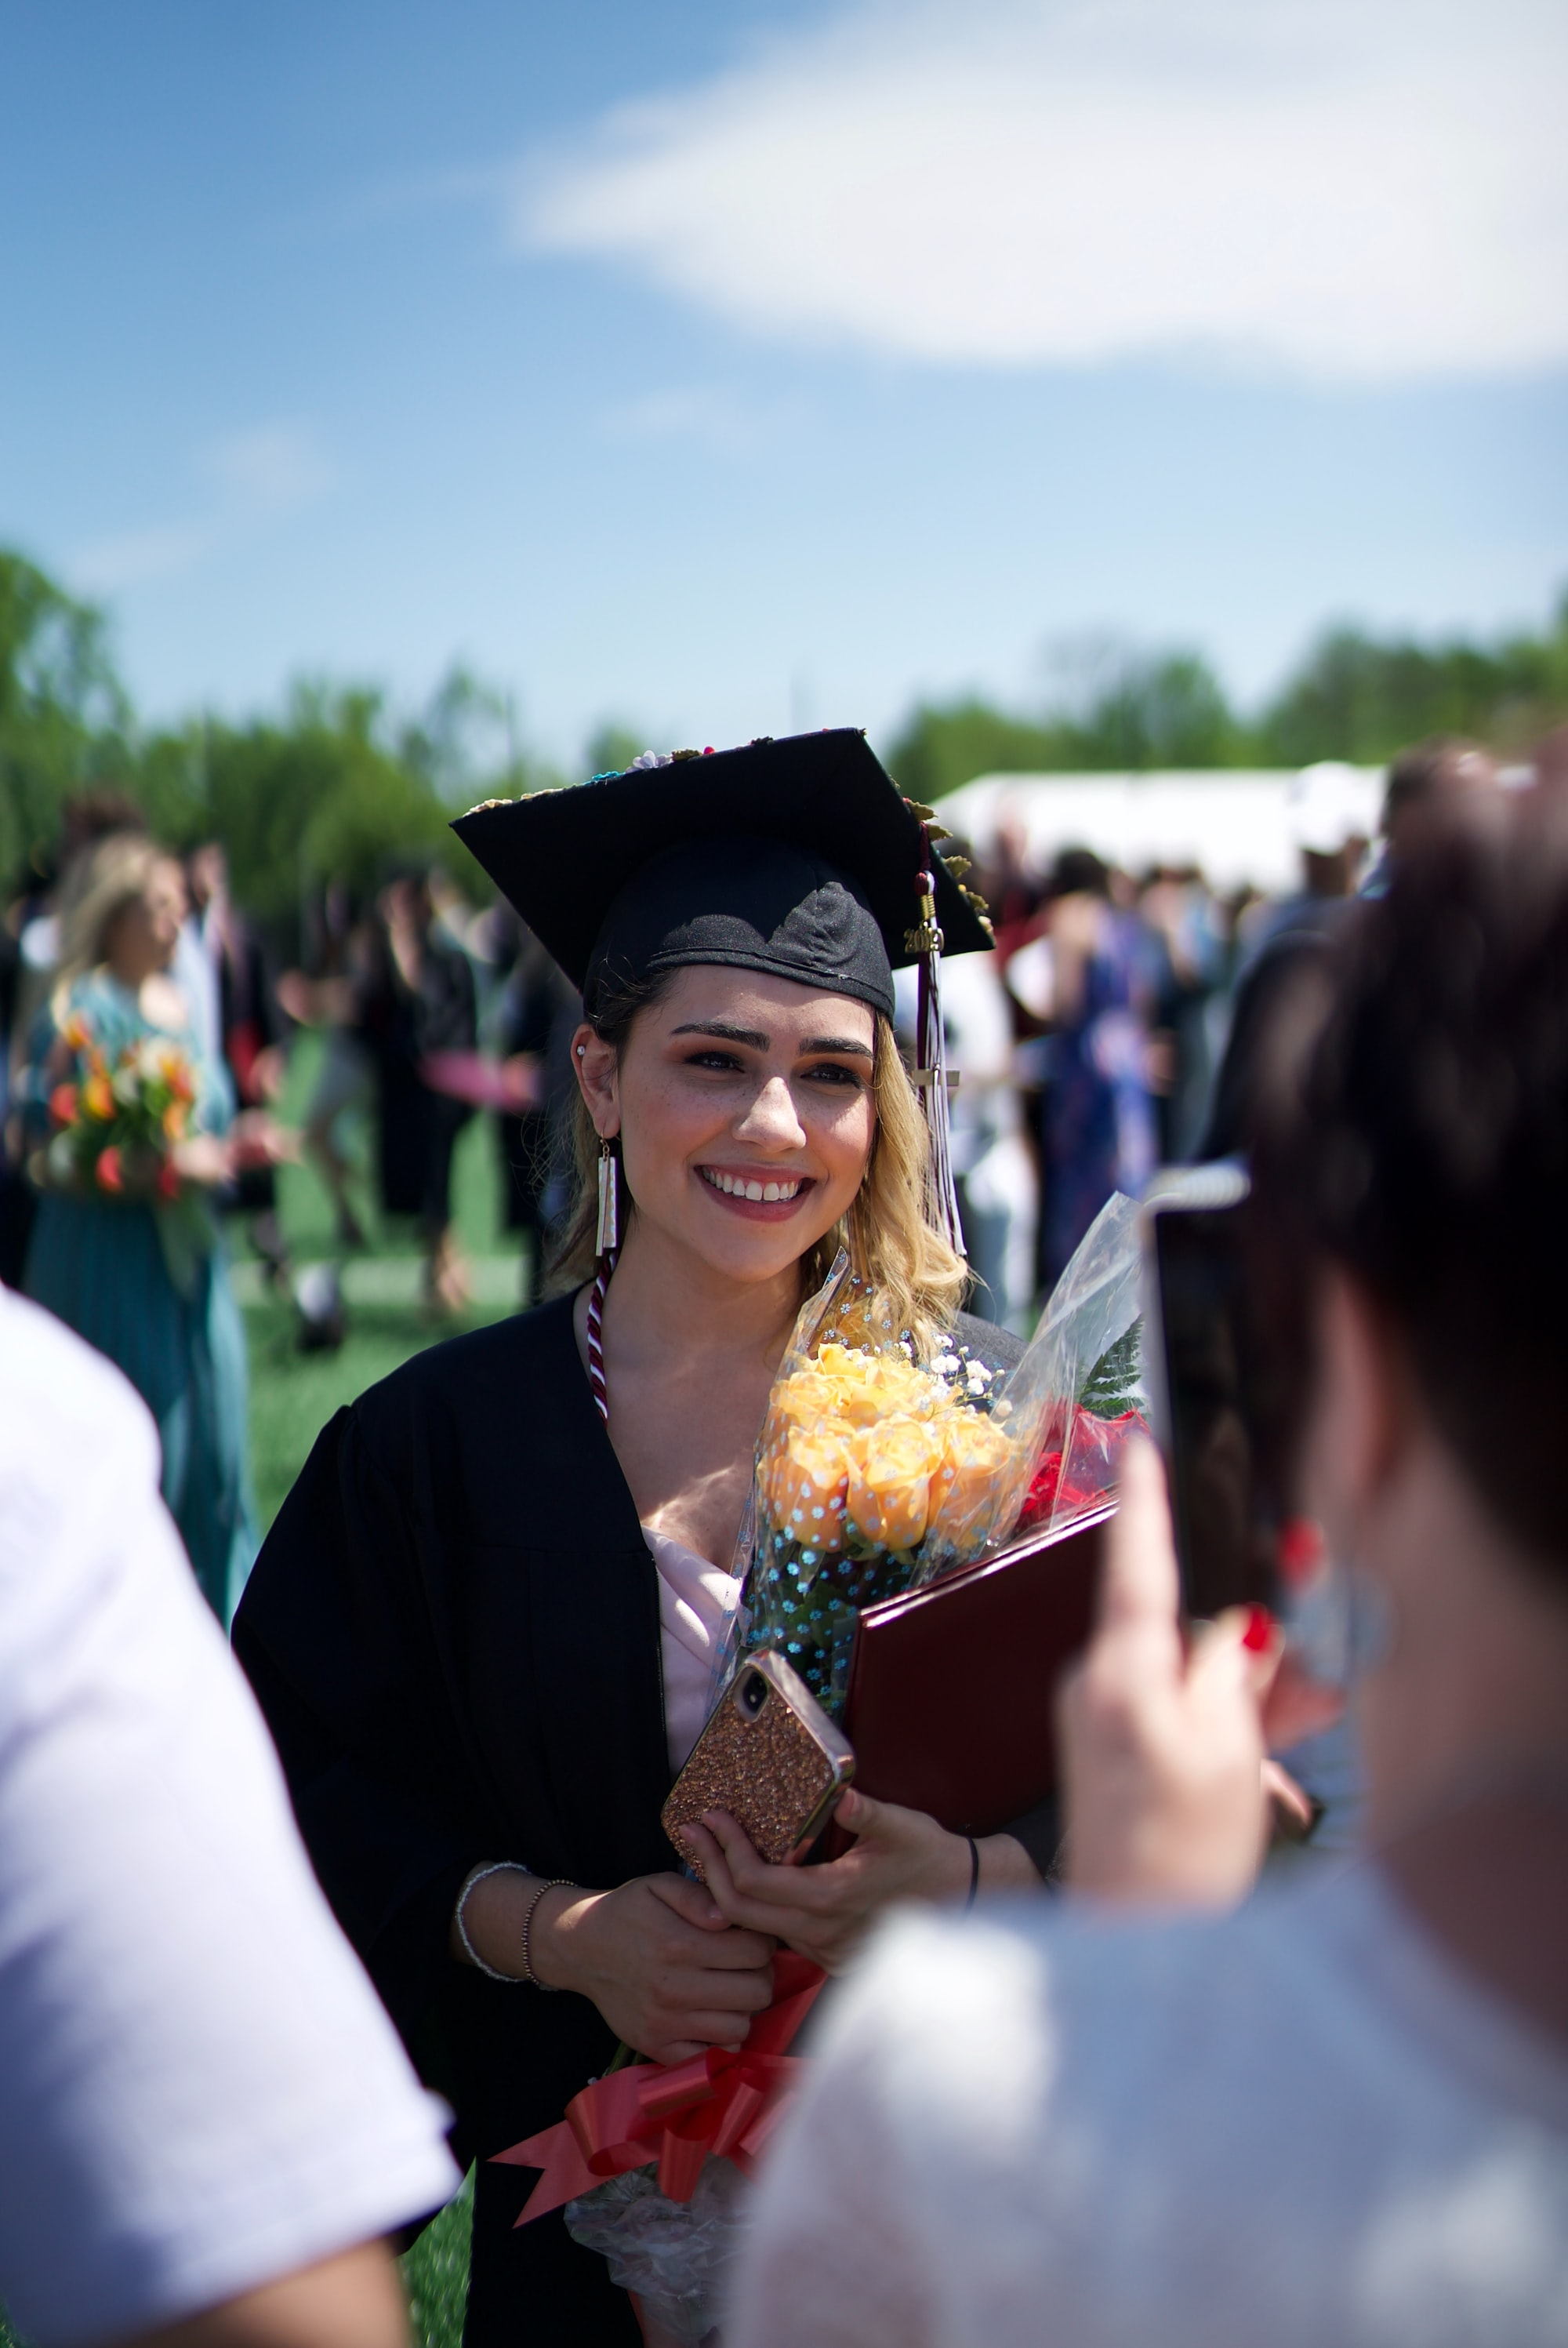 Quali sono i fiori per laurea più indicati?